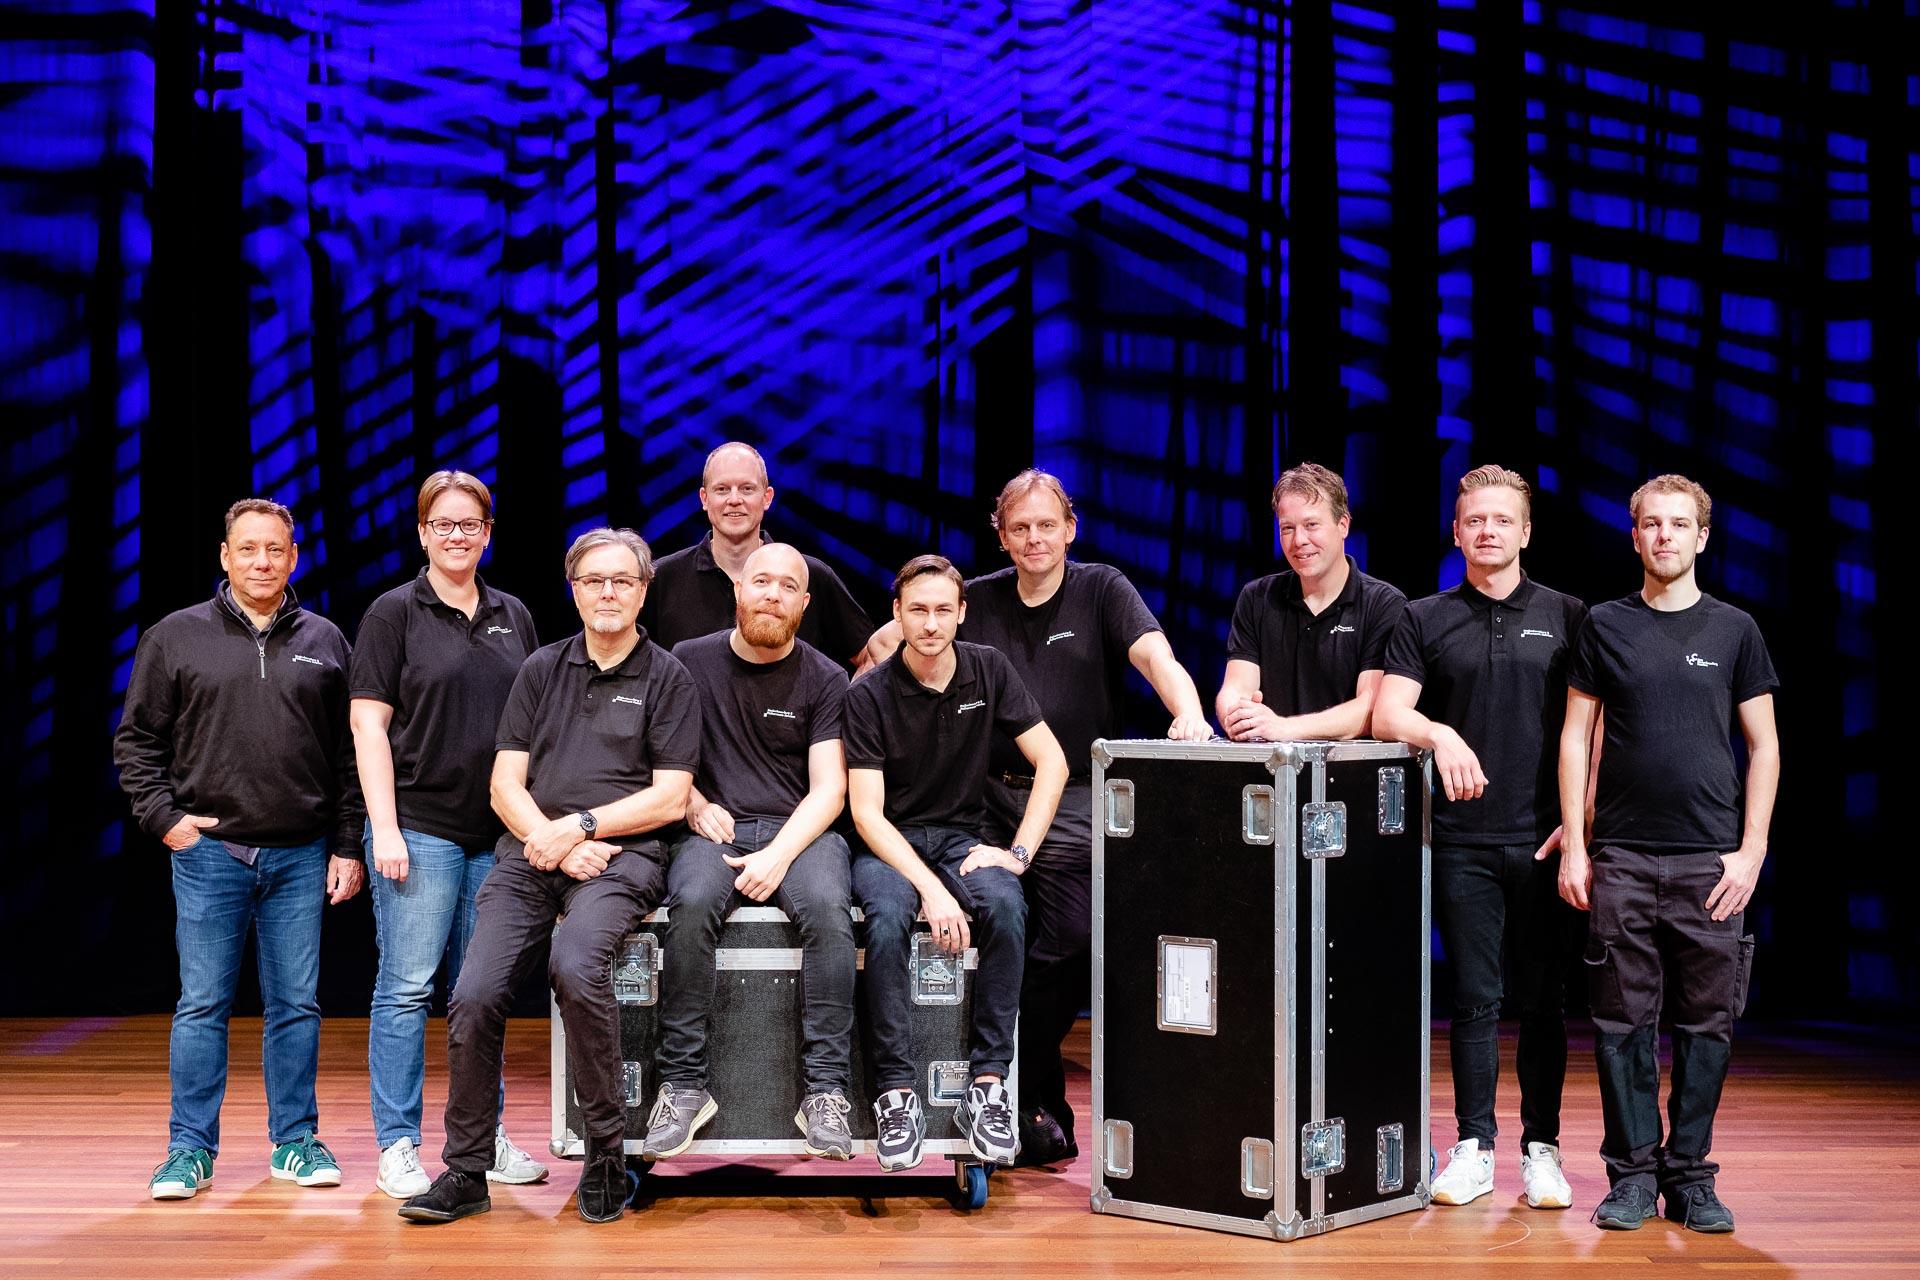 Teamfoto Techniek Ploeg Theater Haarlem